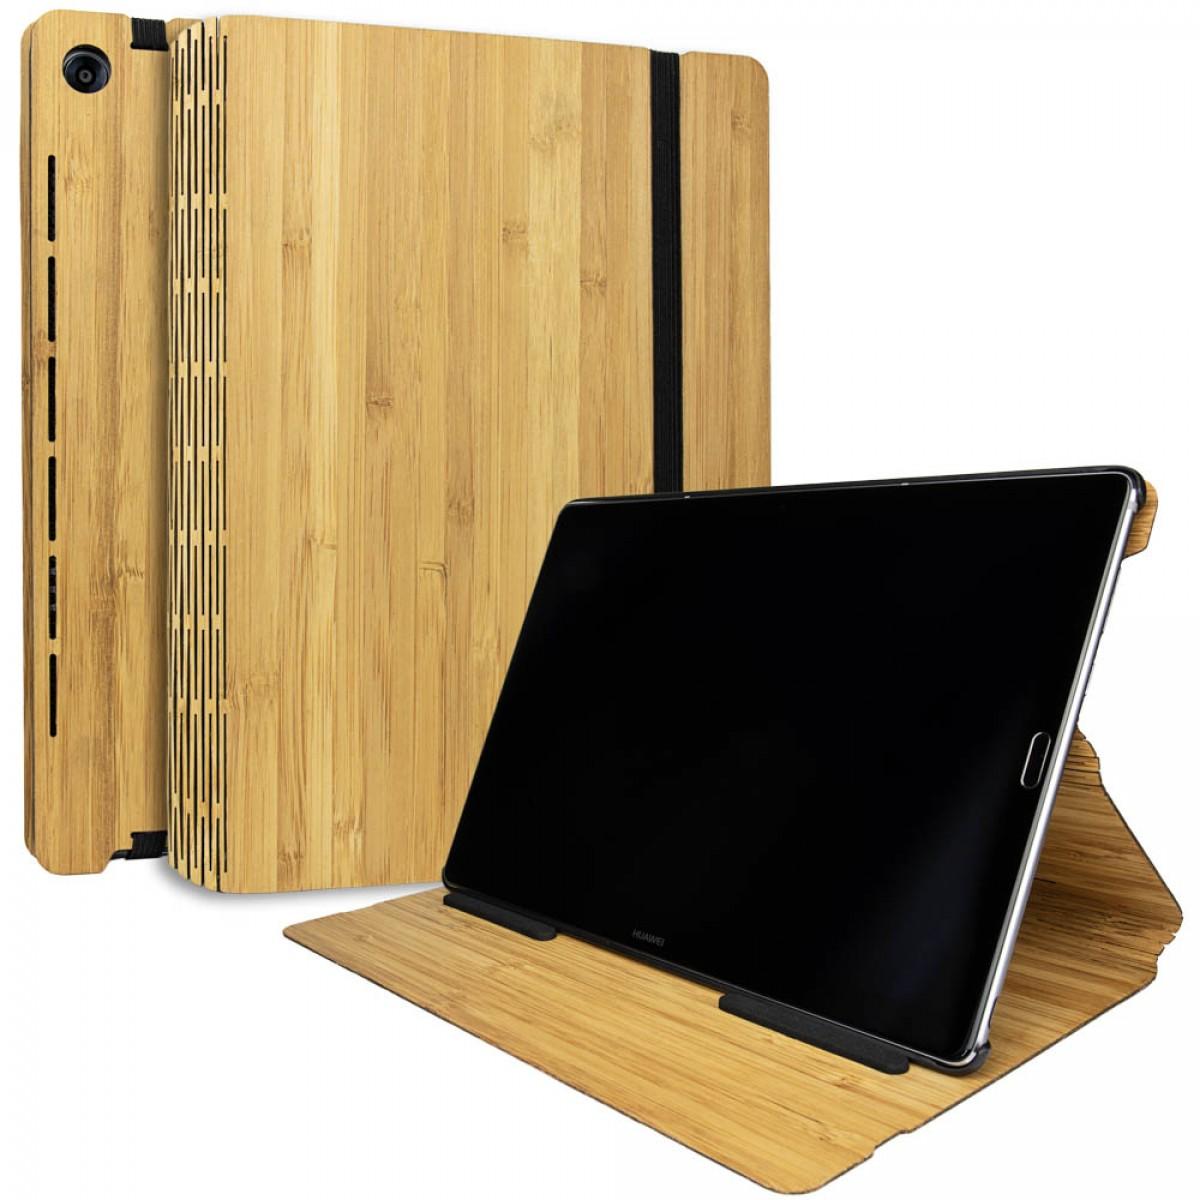 JUNGHOLZ Design WoodCase, Tabletcase, Bambus, Huawei MediaPad M5 Pro 10.8''